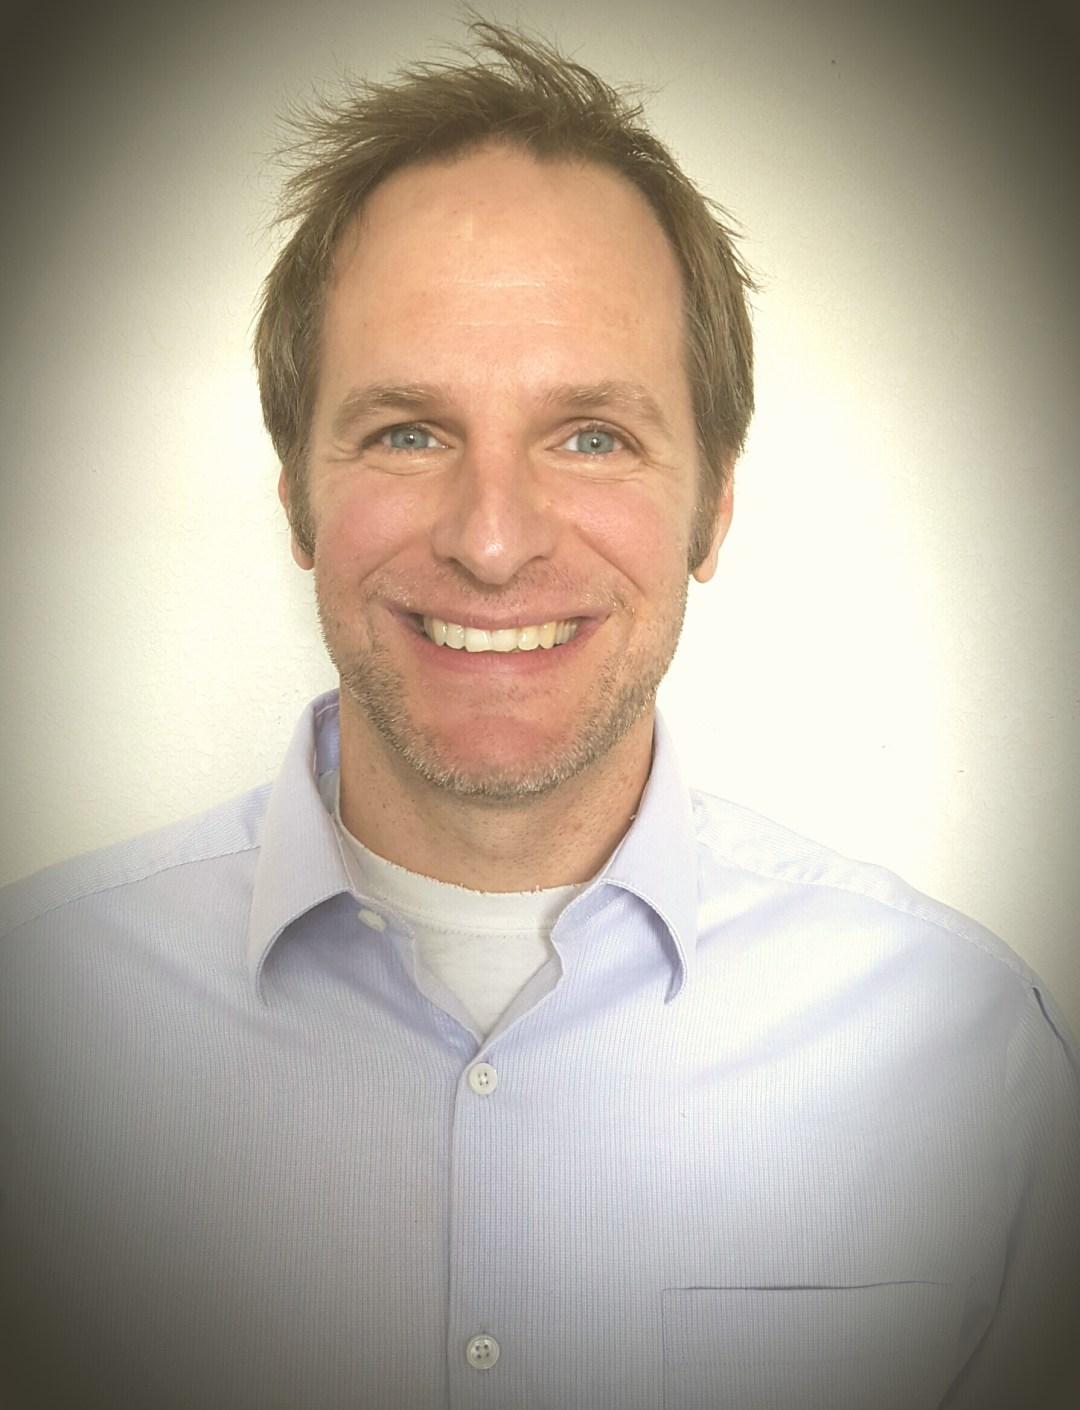 Dr. Dean Schaner, B.S., D.C., D.I.B.A.K.